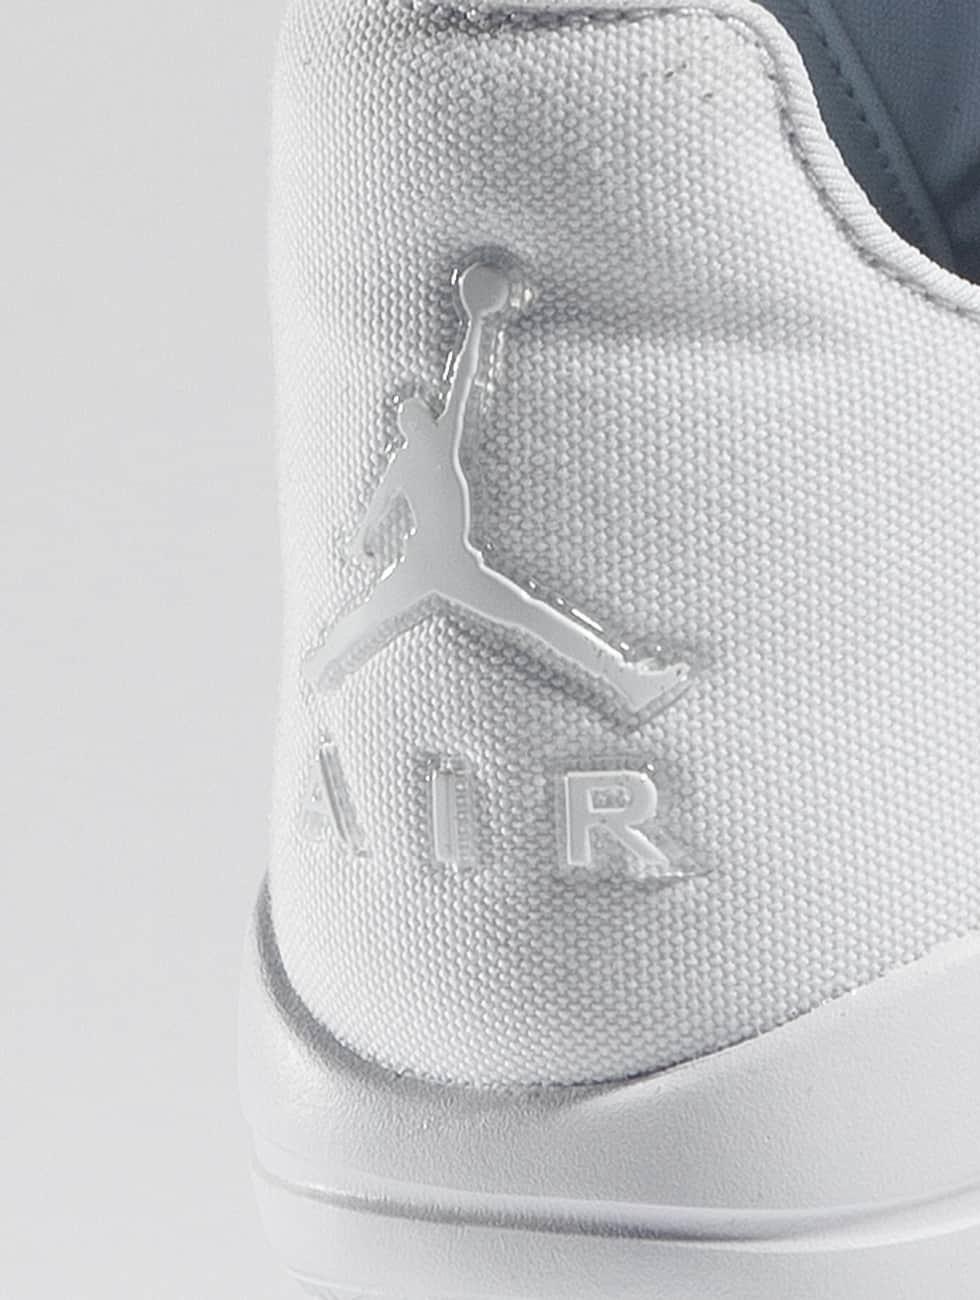 Chaussure Jordan / Éclipse De Chaussure En Blanc 306 739 Prix Pas Cher Marchand Sneakernews De Vente À Bas Prix Envoi Gratuit Dernières Collections mvJoYOHmMF